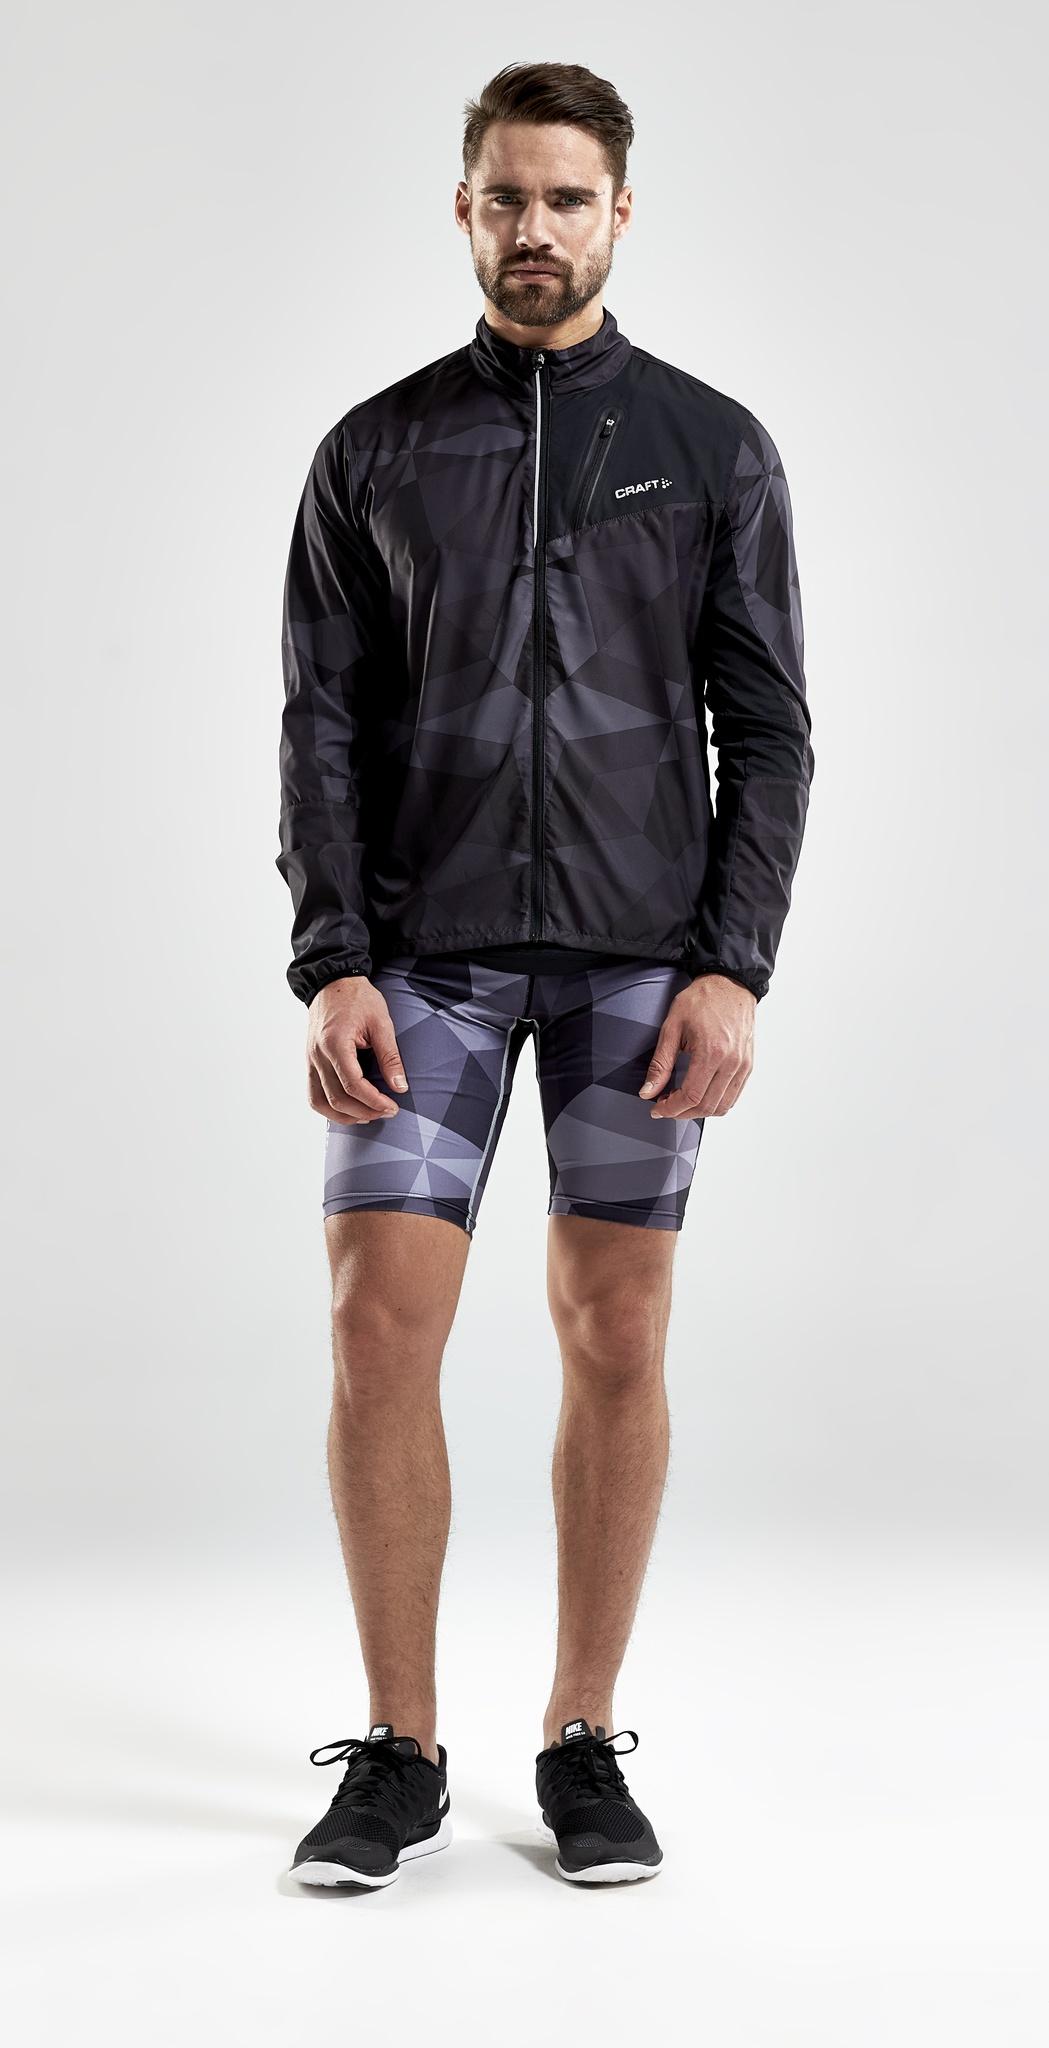 Мужская профессиональная куртка для бега Craft Devotion Run (1903196-2091)